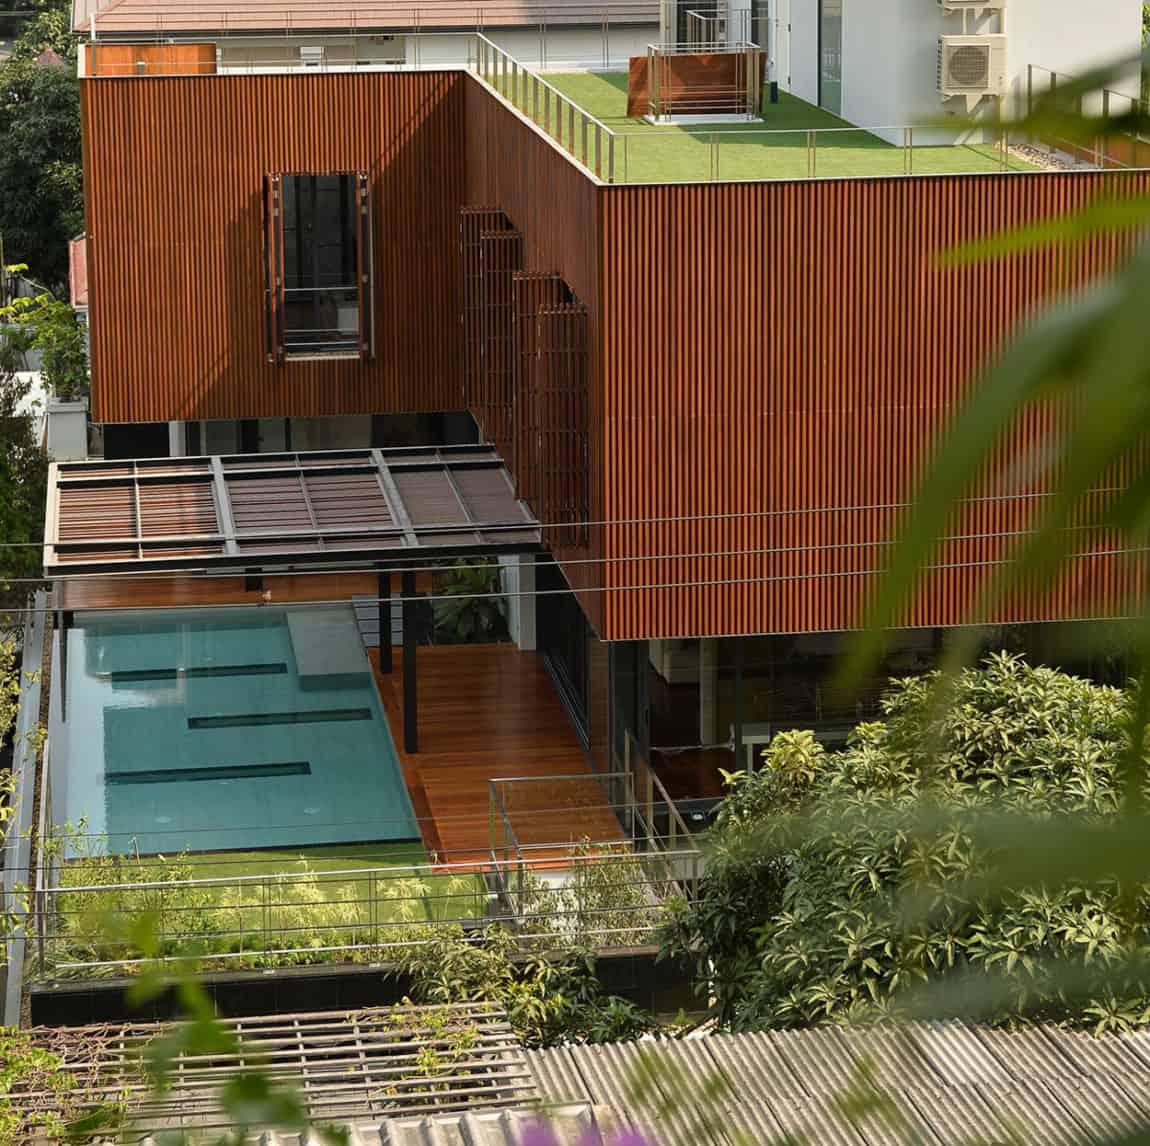 Joly House by Stu/D/O Architects (3)